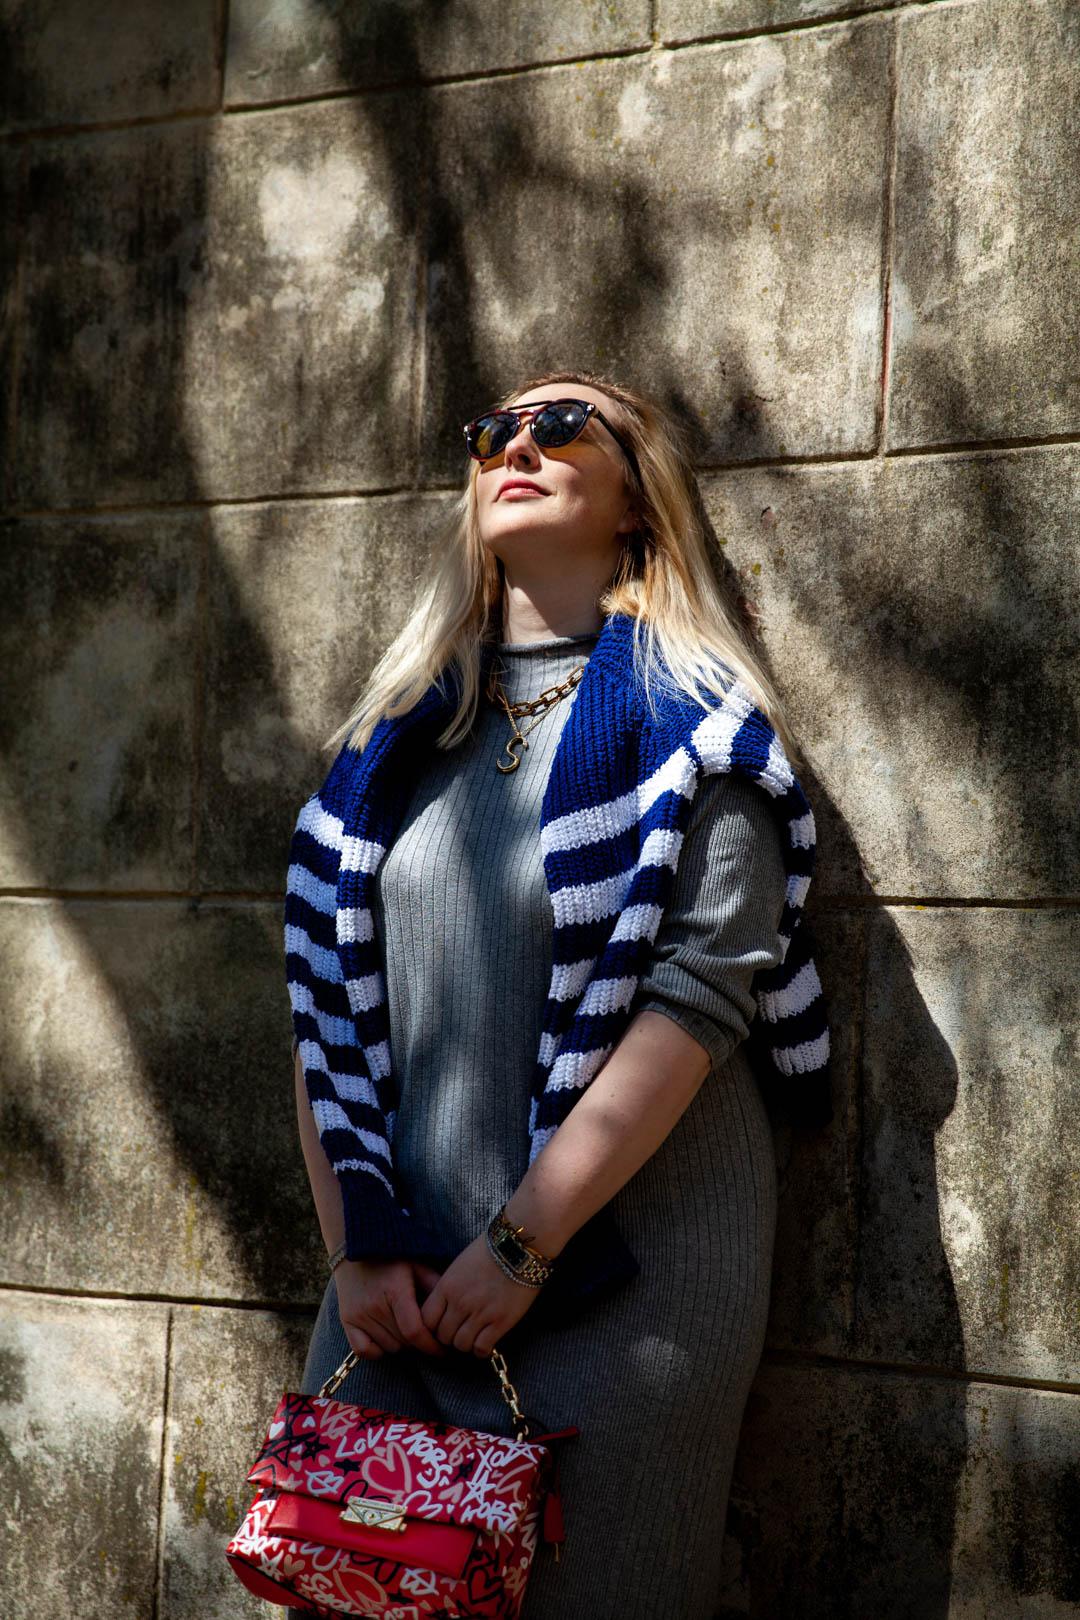 portret kobiety w okularach słonecznych